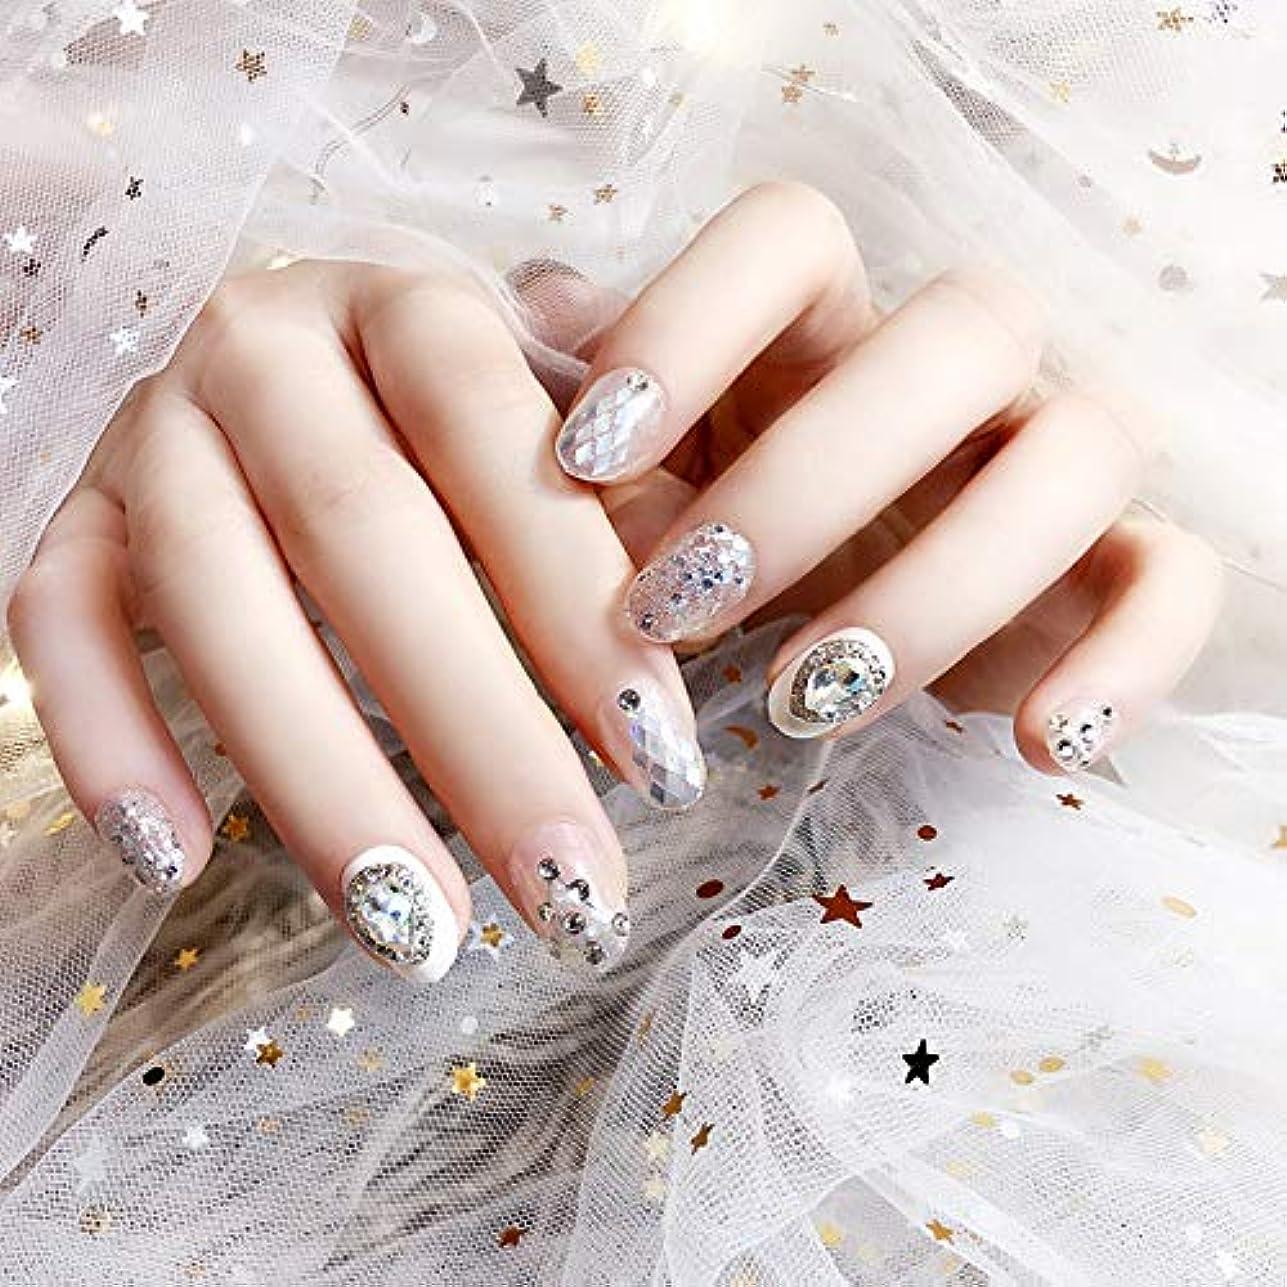 ハドル使用法駅XUTXZKA 24個の結婚式の偽の爪楕円形の短い爪のヒントキラキラ装飾偽の爪